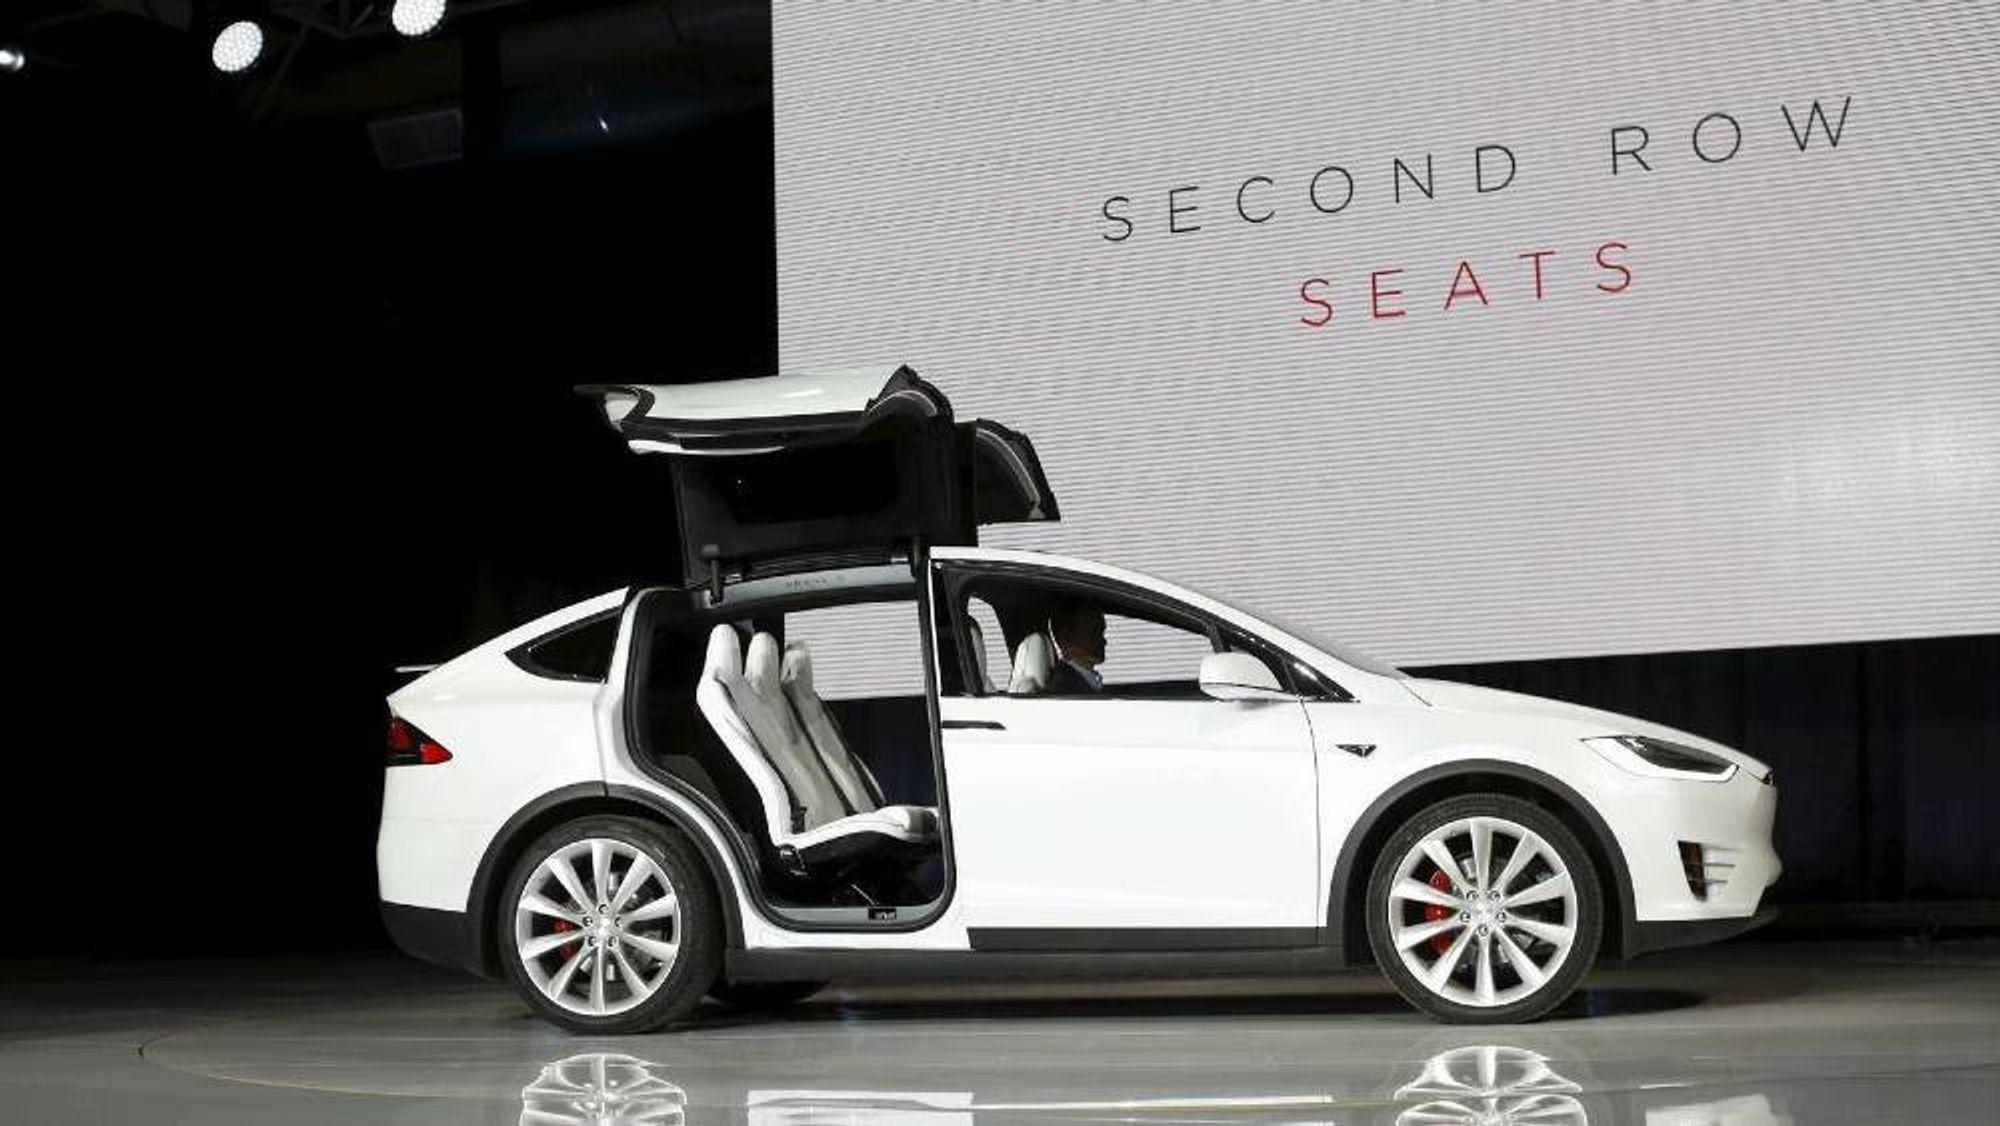 Alle kjøretøy med nedleggbare bakseter laget mellom 28. oktober 2016 og 16. august 2017 blir tilbakekalt, opplyser Tesla.